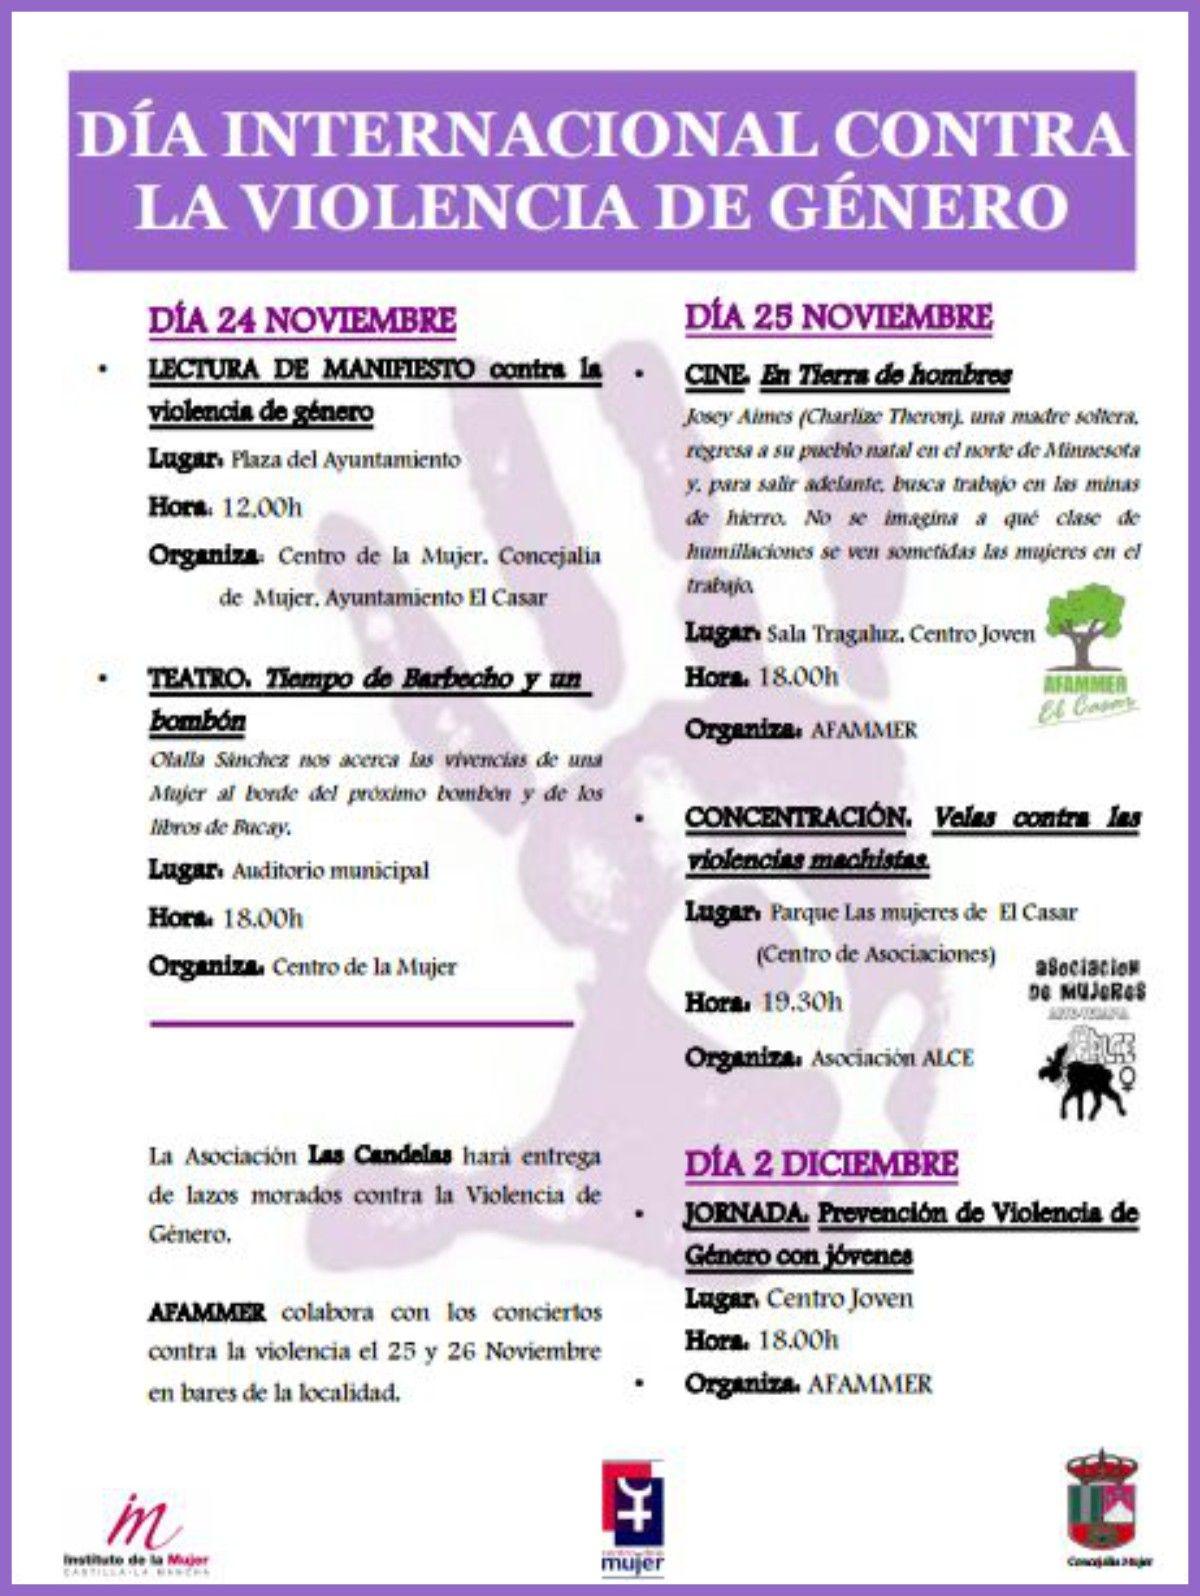 Jornada de prevención de violencia de género entre jóvenes.